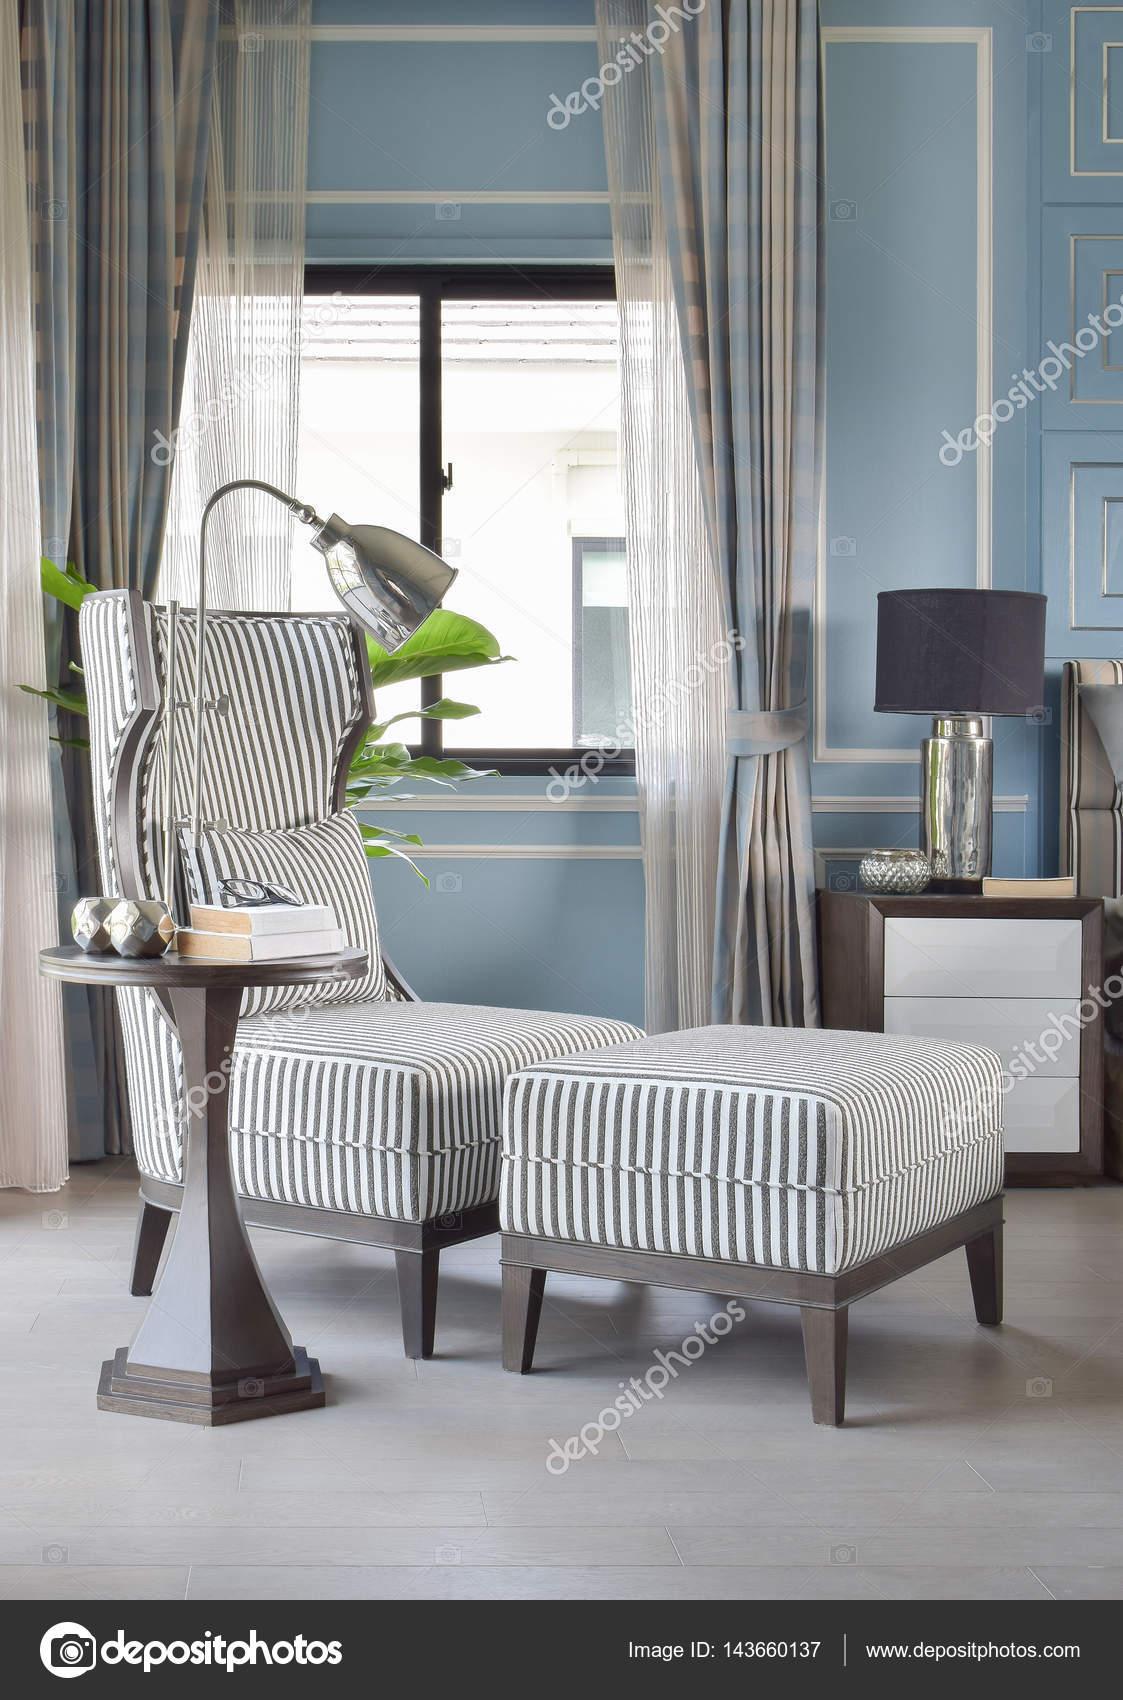 Rayas alta espalda Sillón con otomana en habitación classic azul ...